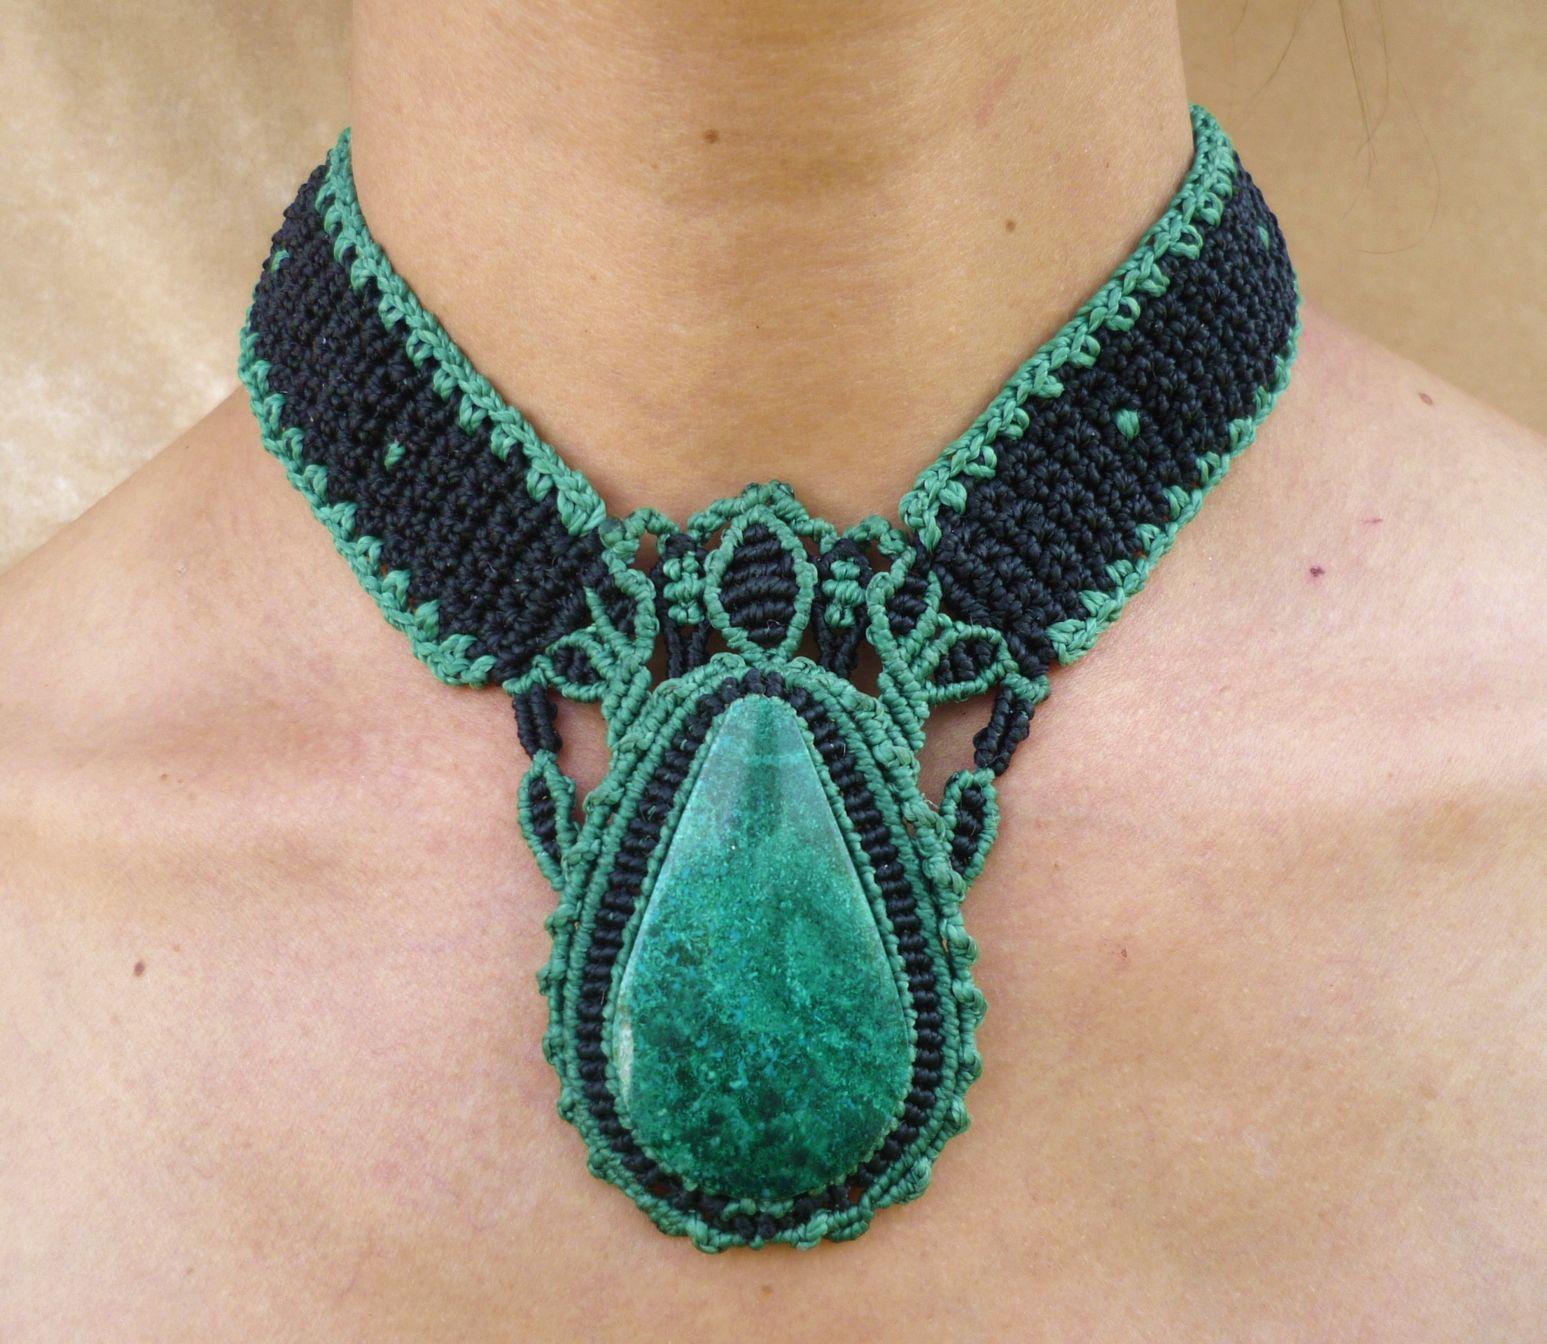 Collares de moda con piedras 1547 1344 macrame - Piedras para collares ...